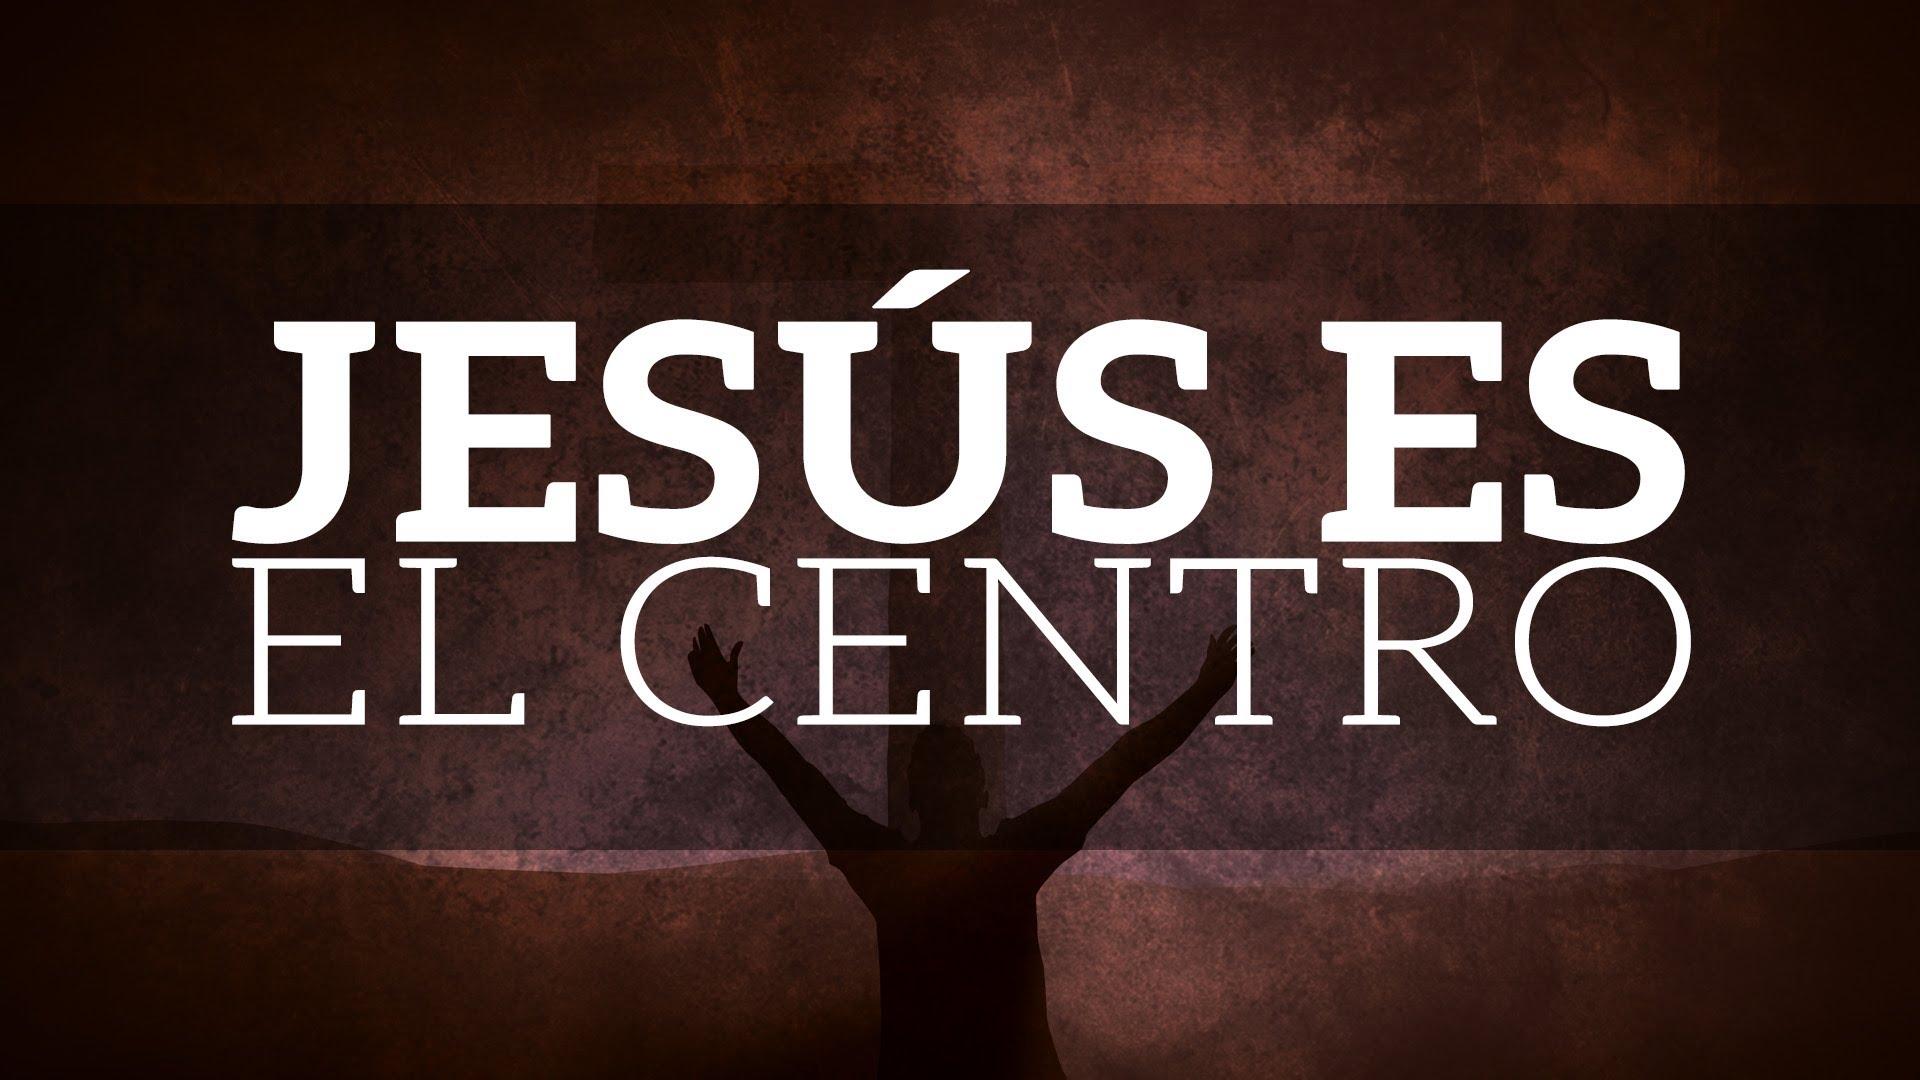 jesus es el centro